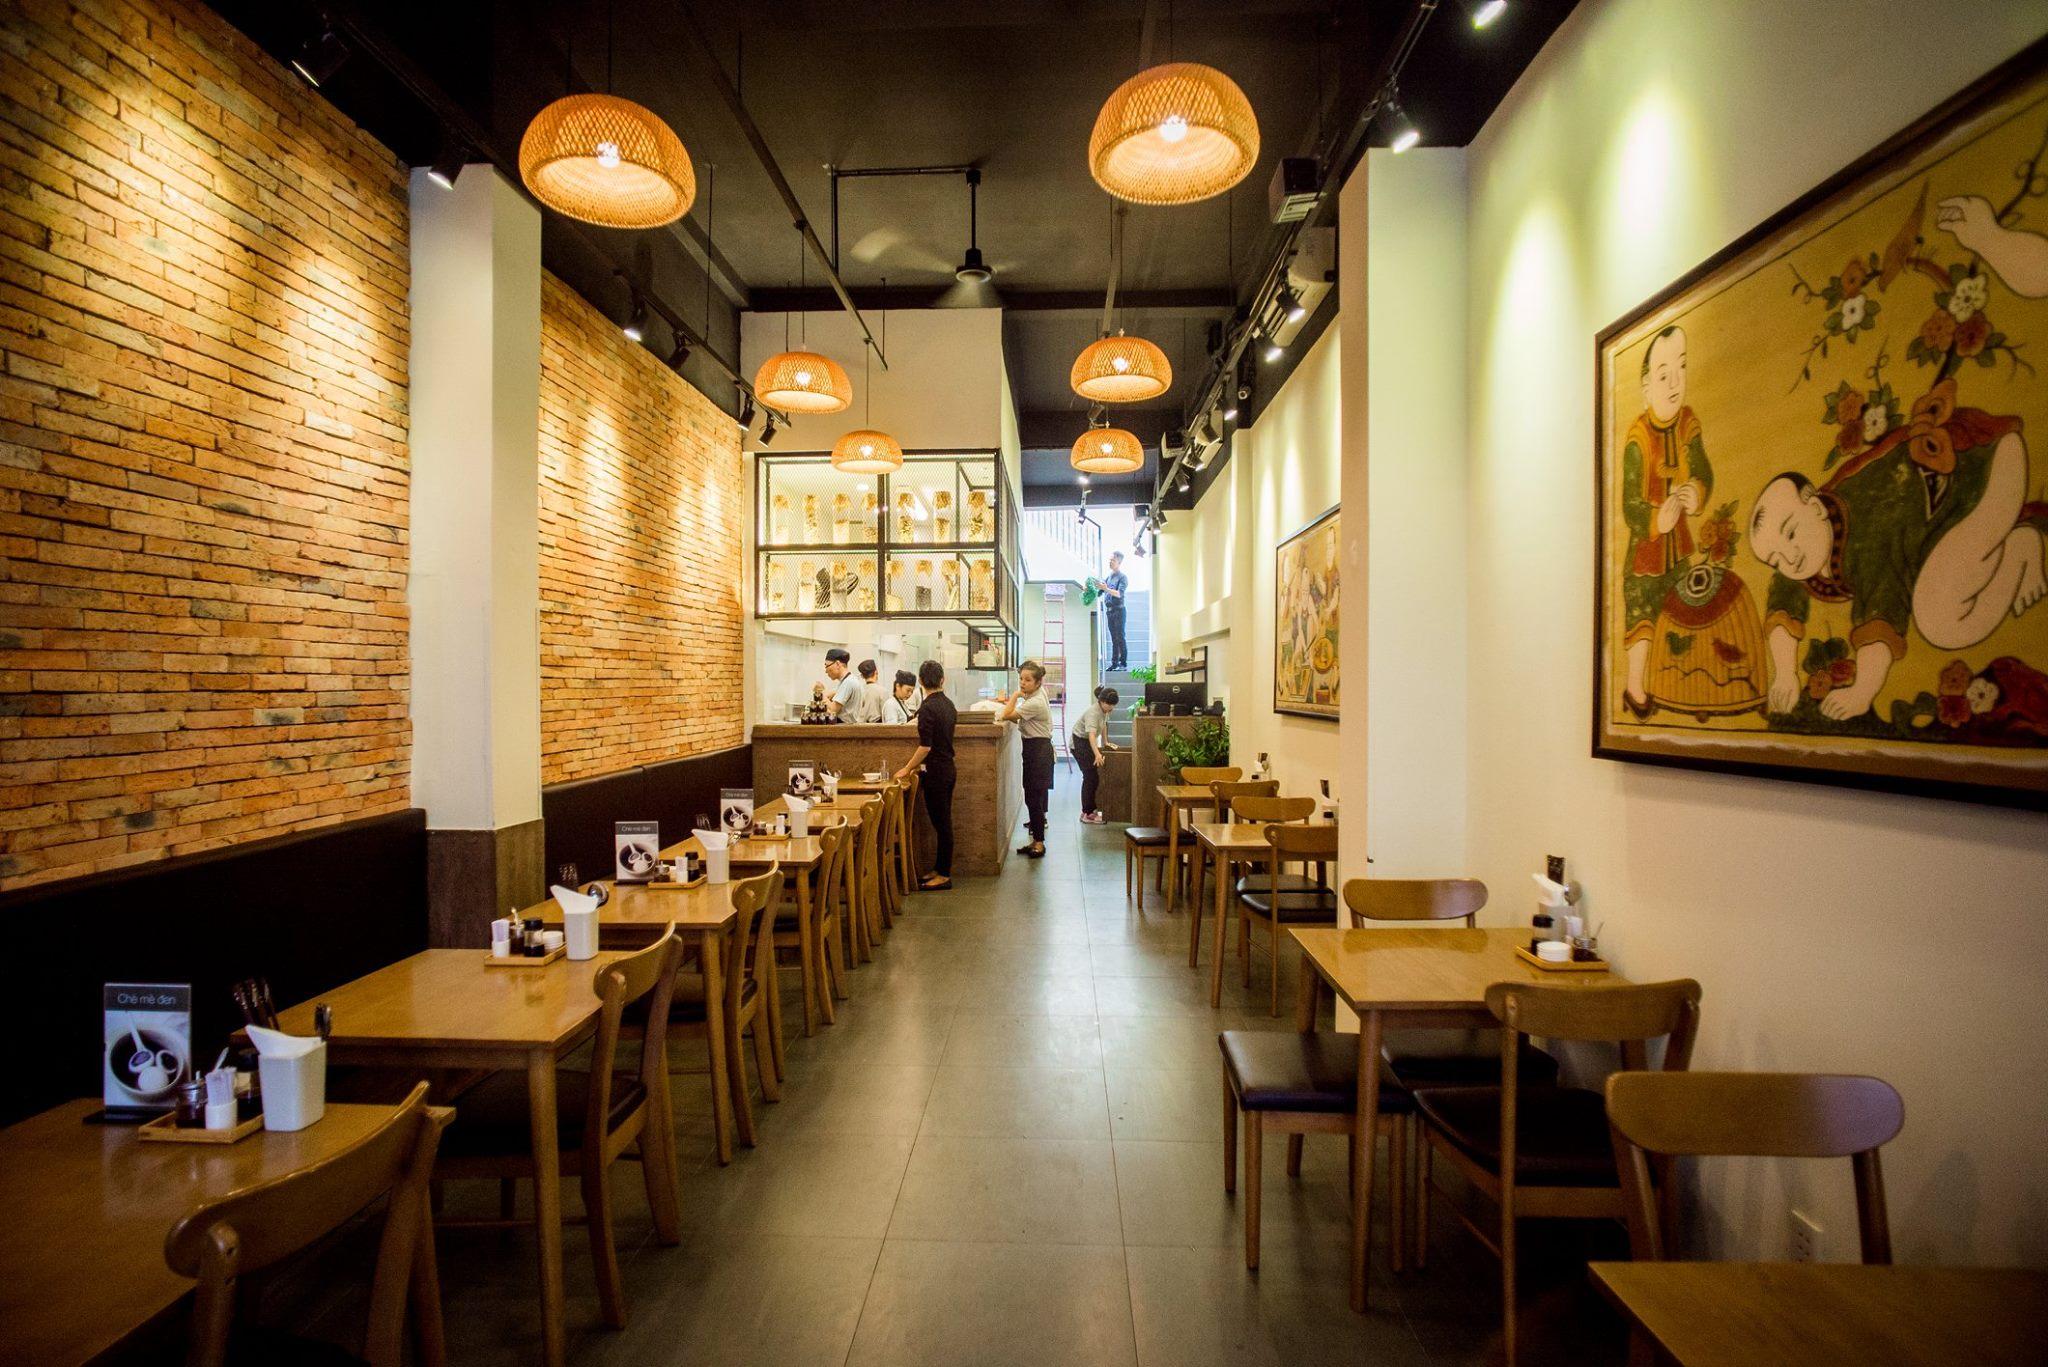 thiết kế nội thất Nhà Hàng tại Hồ Chí Minh TAM HẢO Fresh Noodle - Hồ Tùng Mậu 5 1534750345